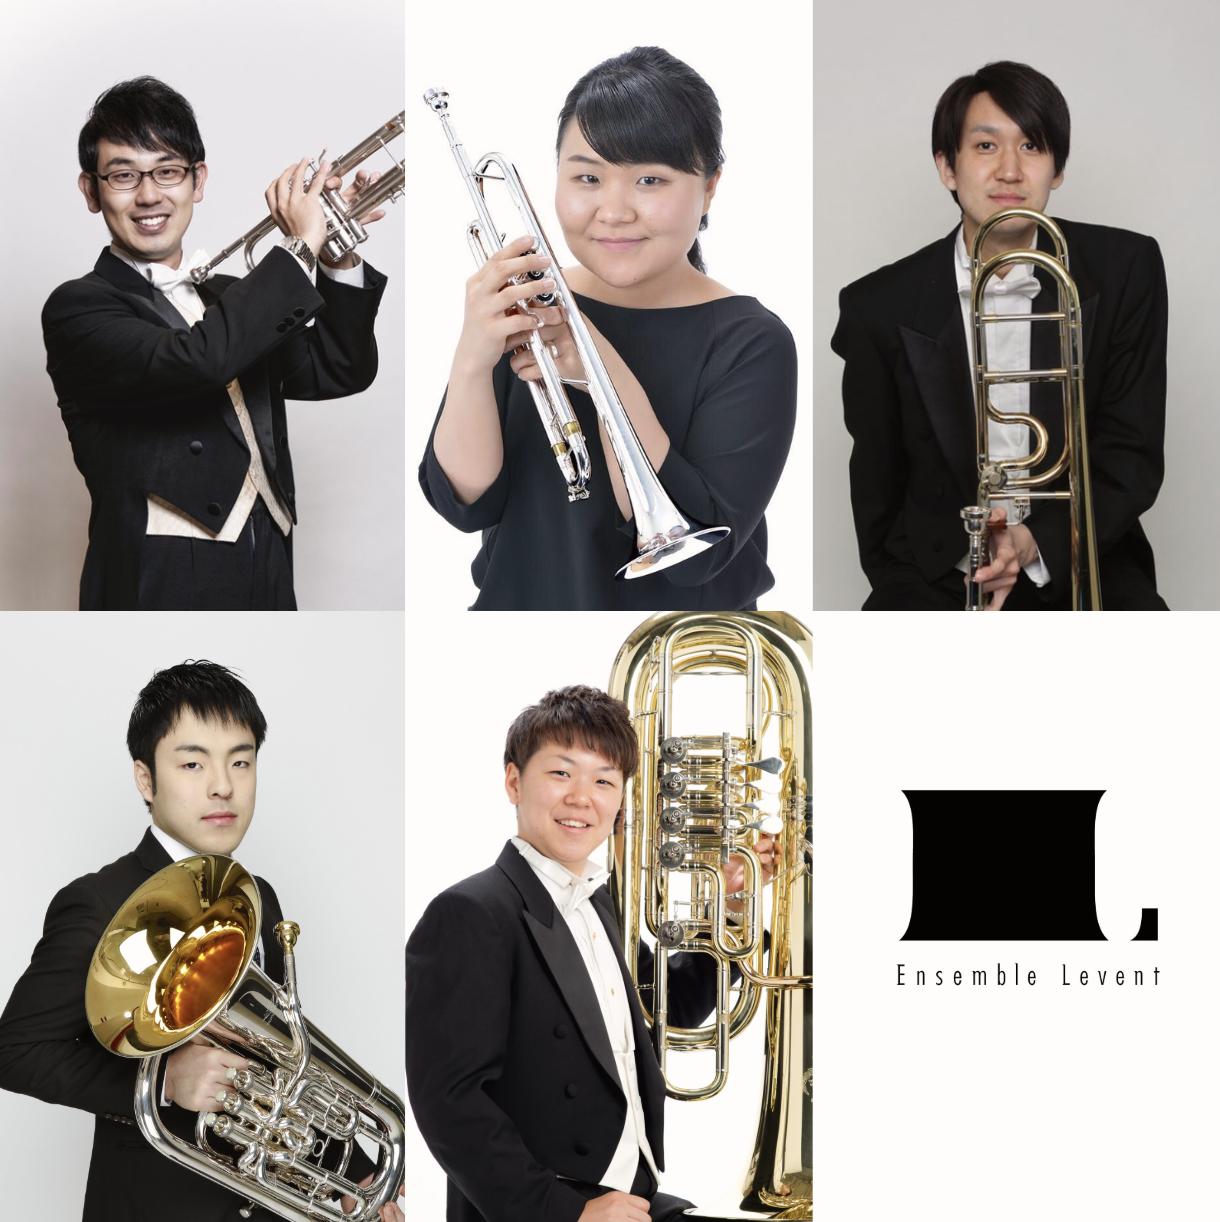 【まちかどコンサート】金管5重奏で楽しむキッズコンサートの画像